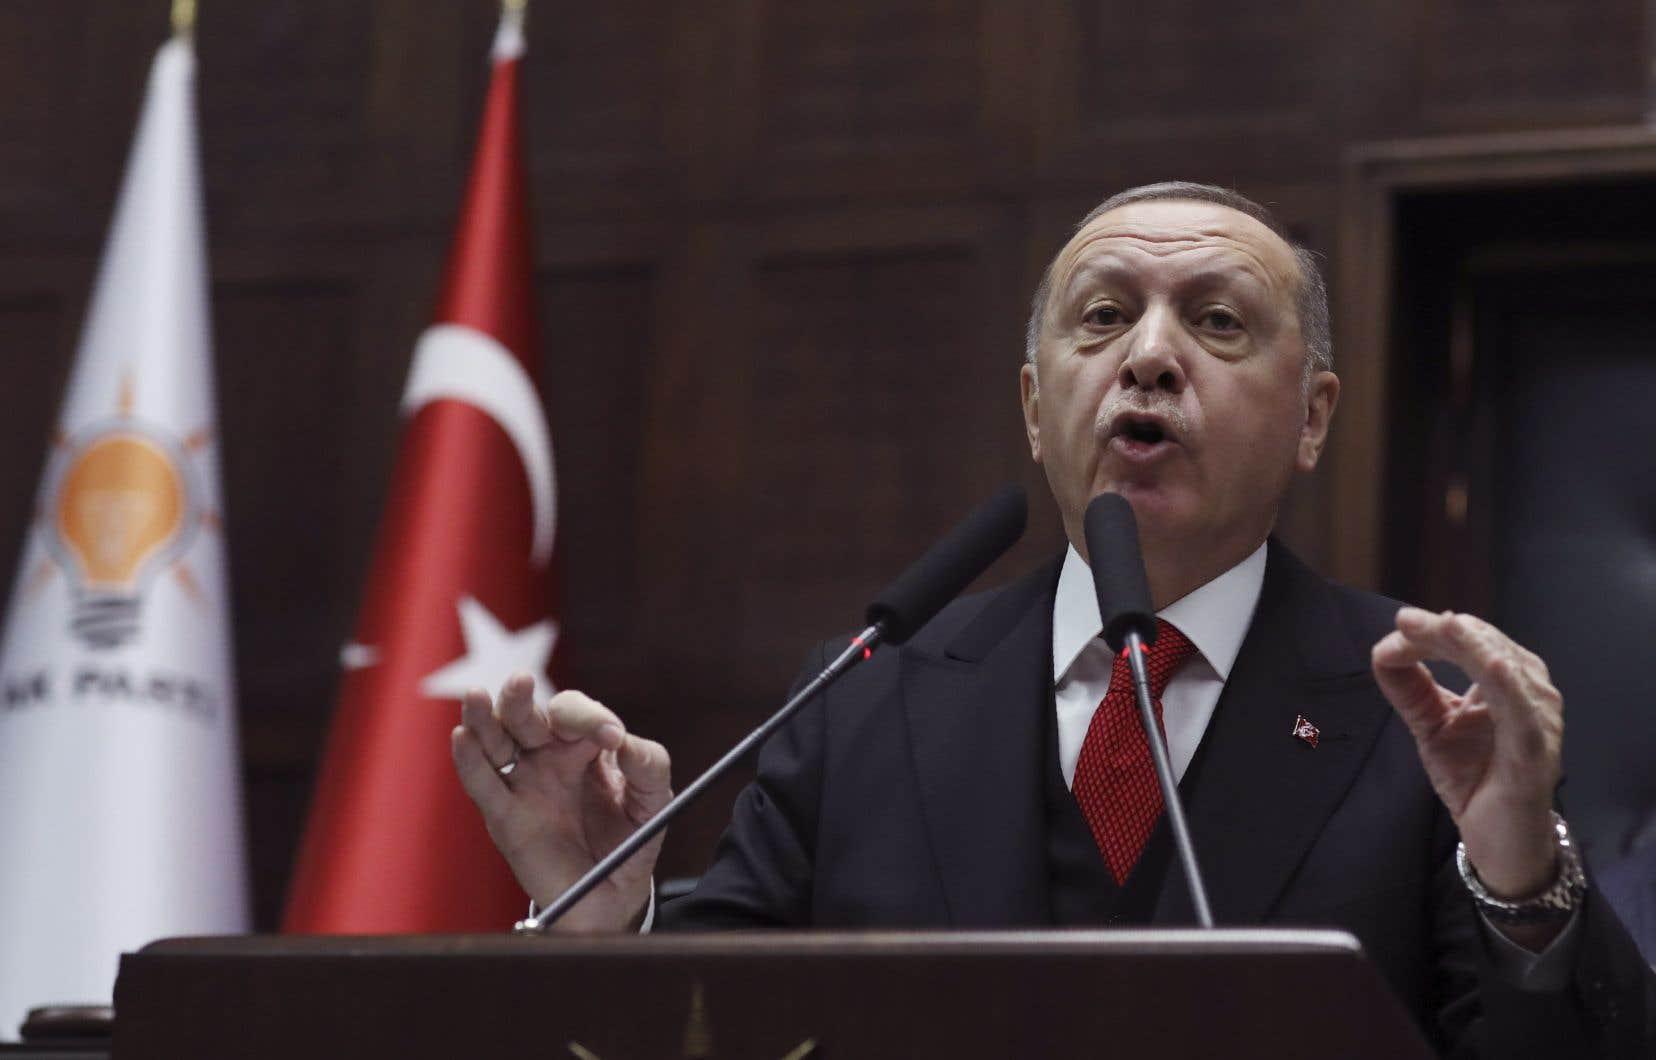 Dans un discours prononcé mercredi à Ankara, le président Recep Tayyip Erdogana menacé de «frapper le régime partout» en Syrie en cas de nouvelle attaque contre les forces turques à Idleb.